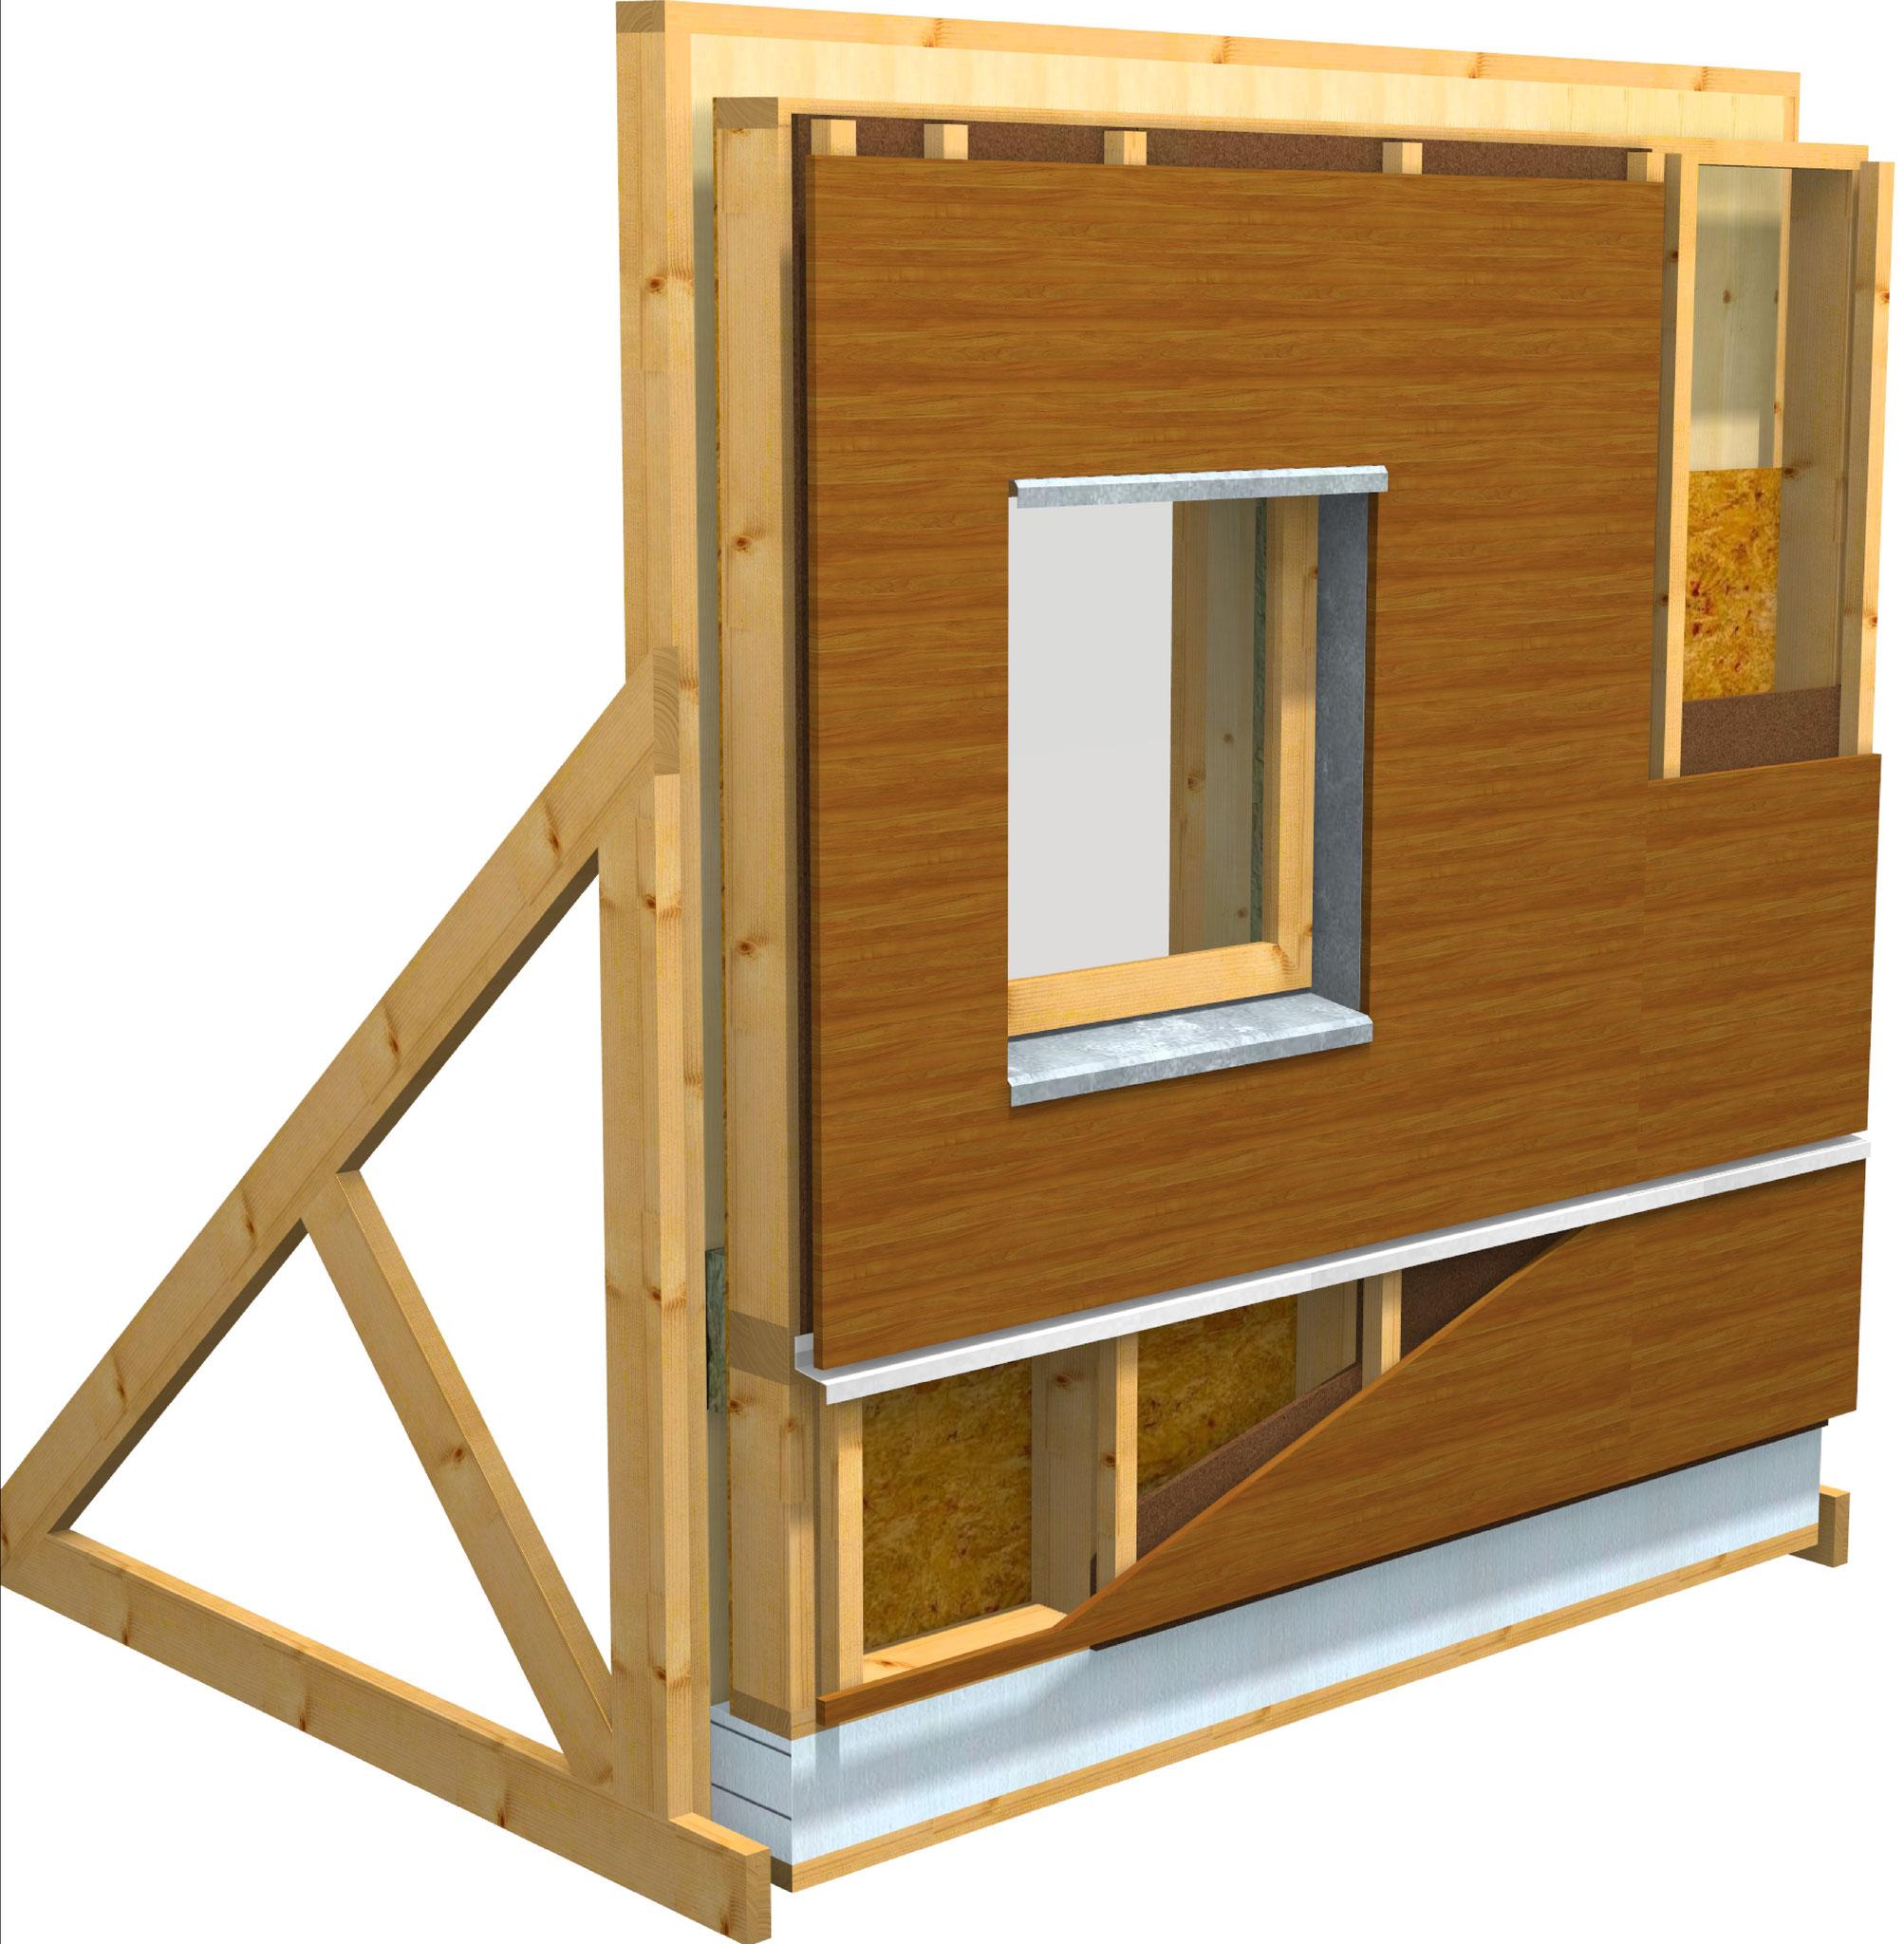 """ITE : OB + ouate de cellulose + panneaux fibres de bois pare-pluie + lame d'air + bardage bois - version """" préfa. """""""